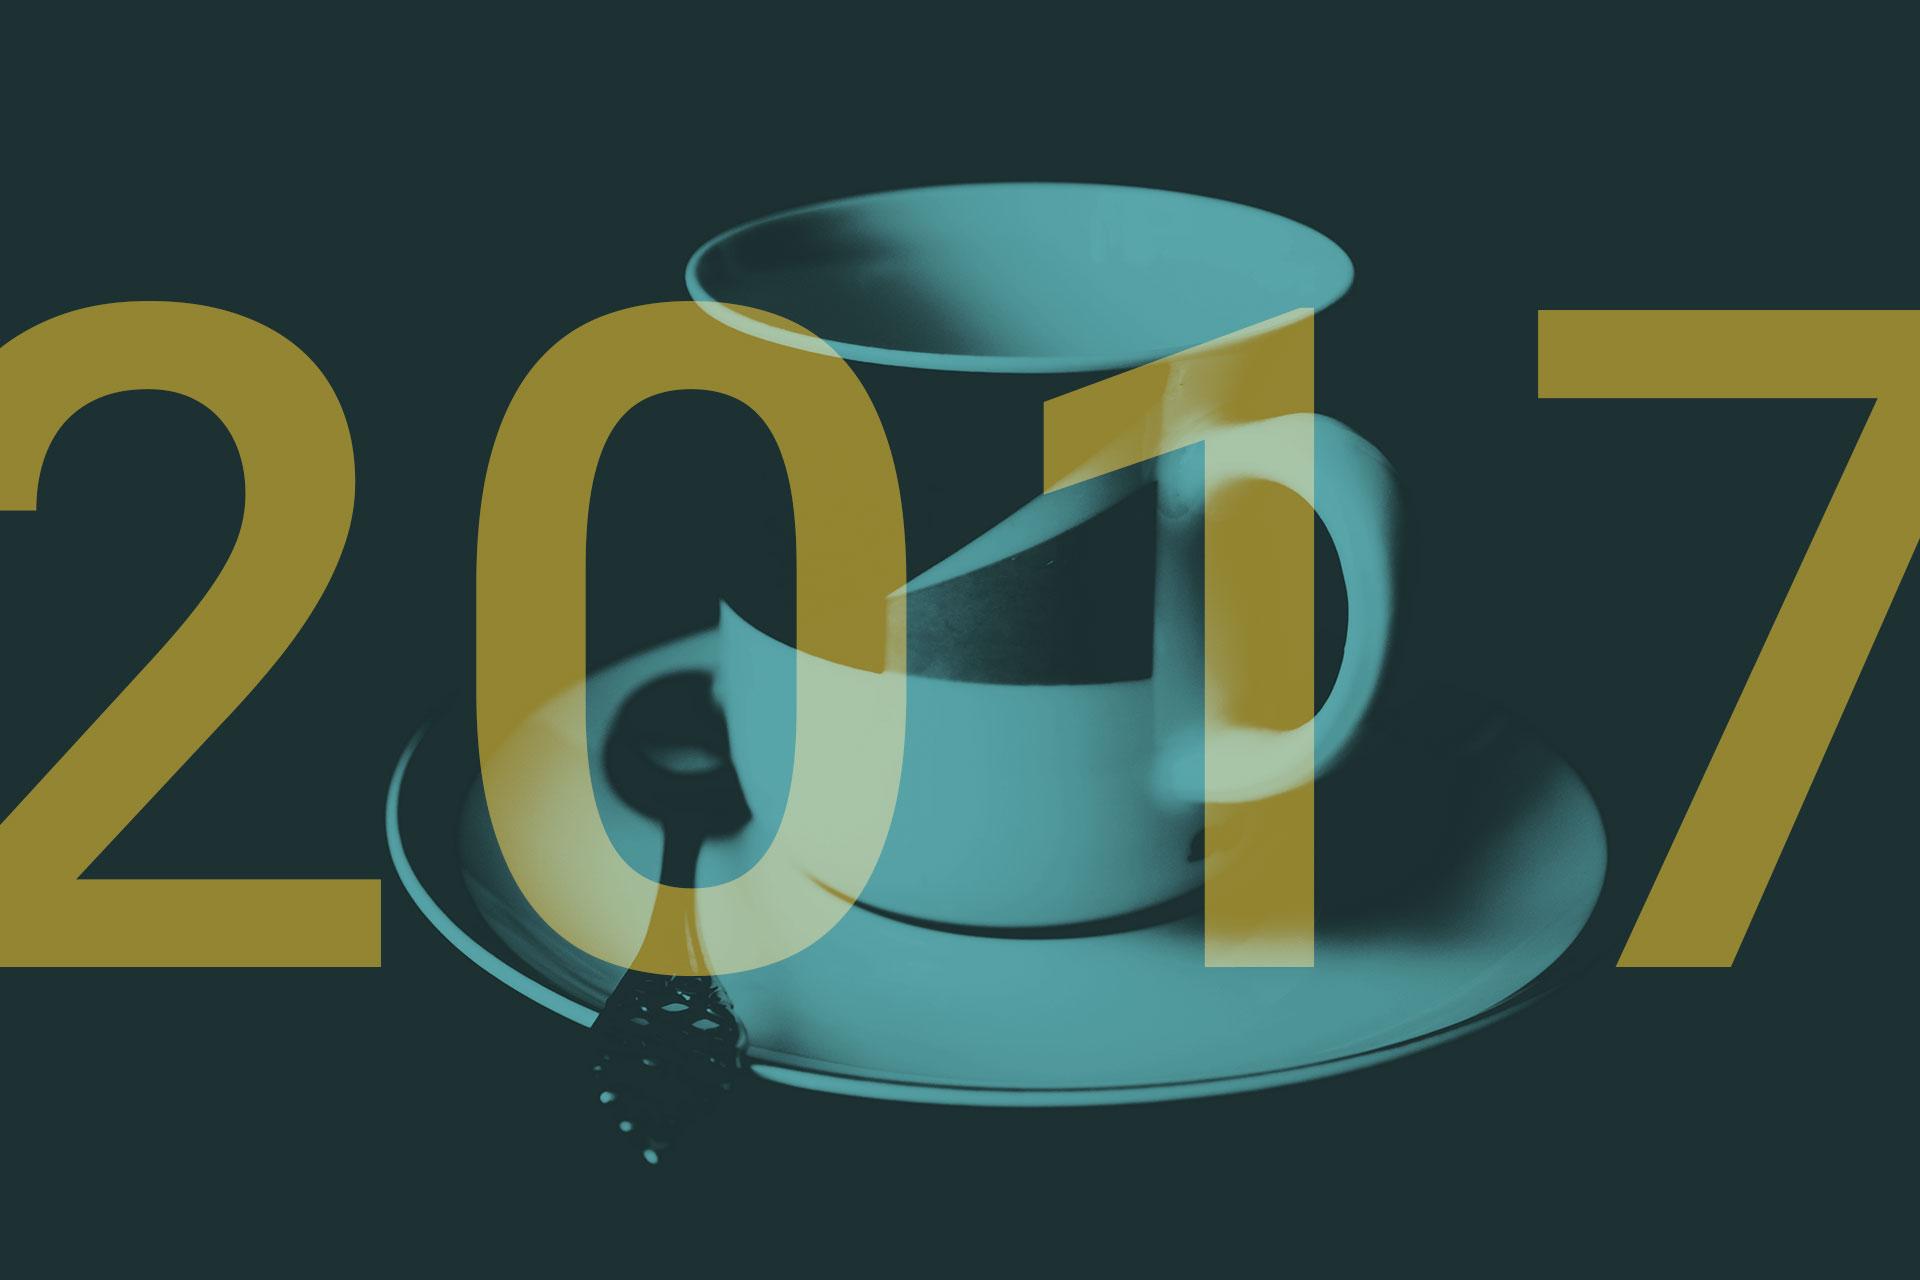 2017. Im Hintergrund ist eine Tasse zu sehen.